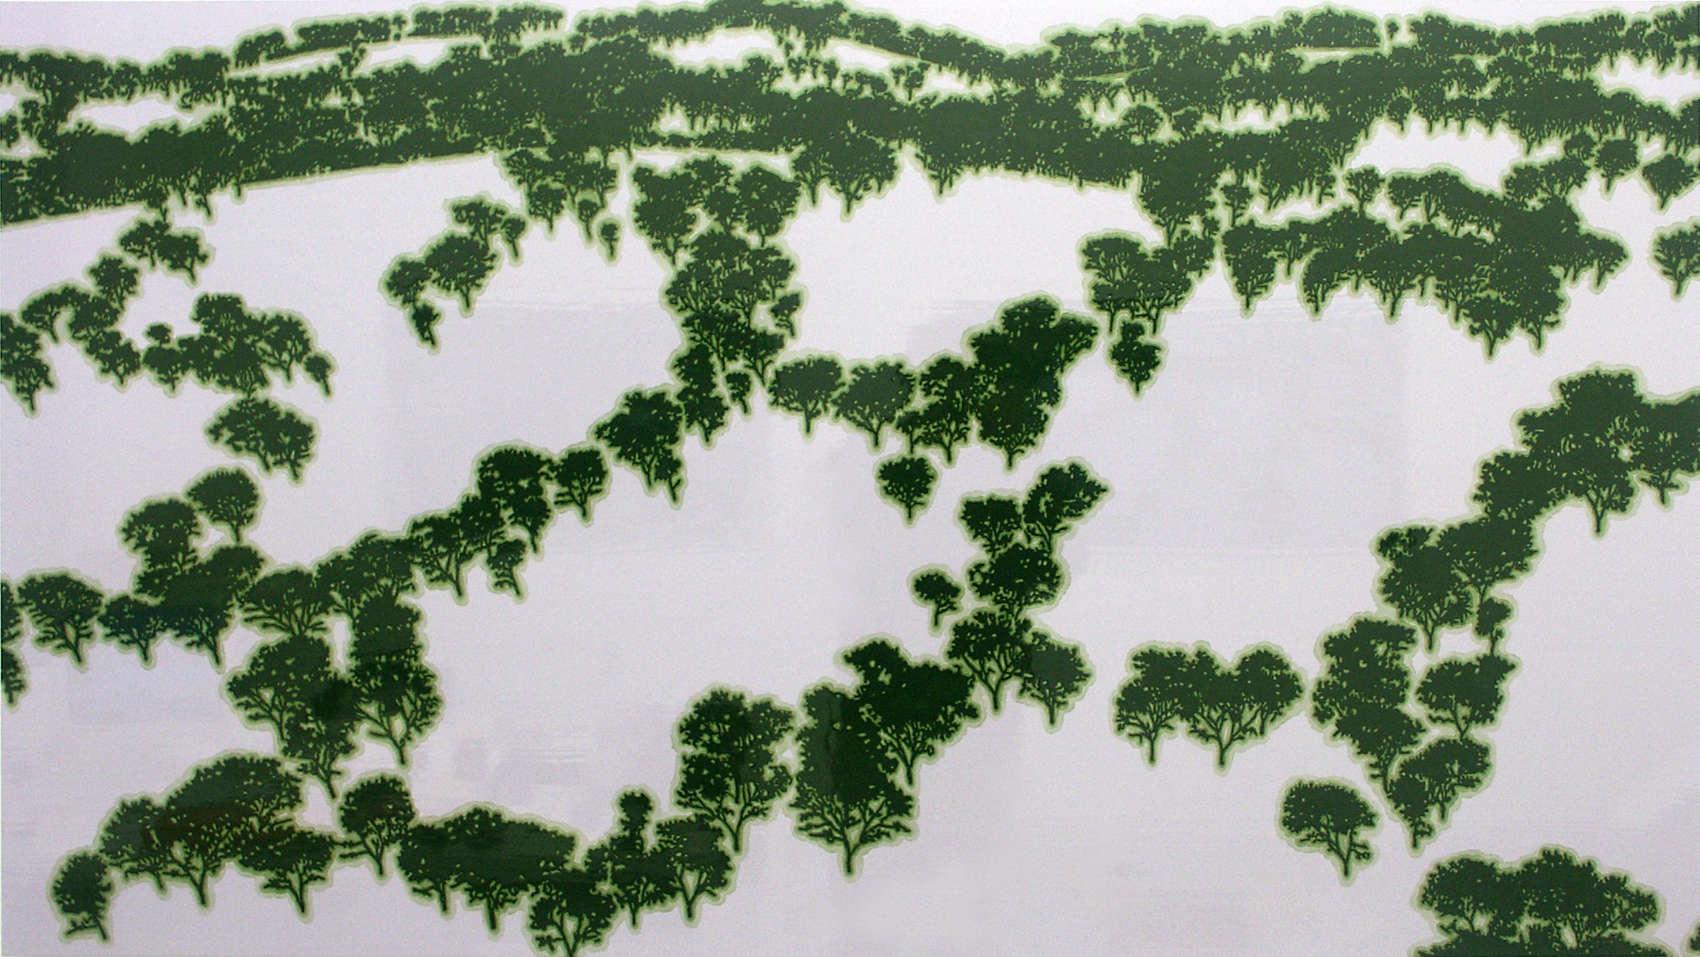 Artificial Landscape, 2002, alkyde sur Dibond, 90 x 160 cm